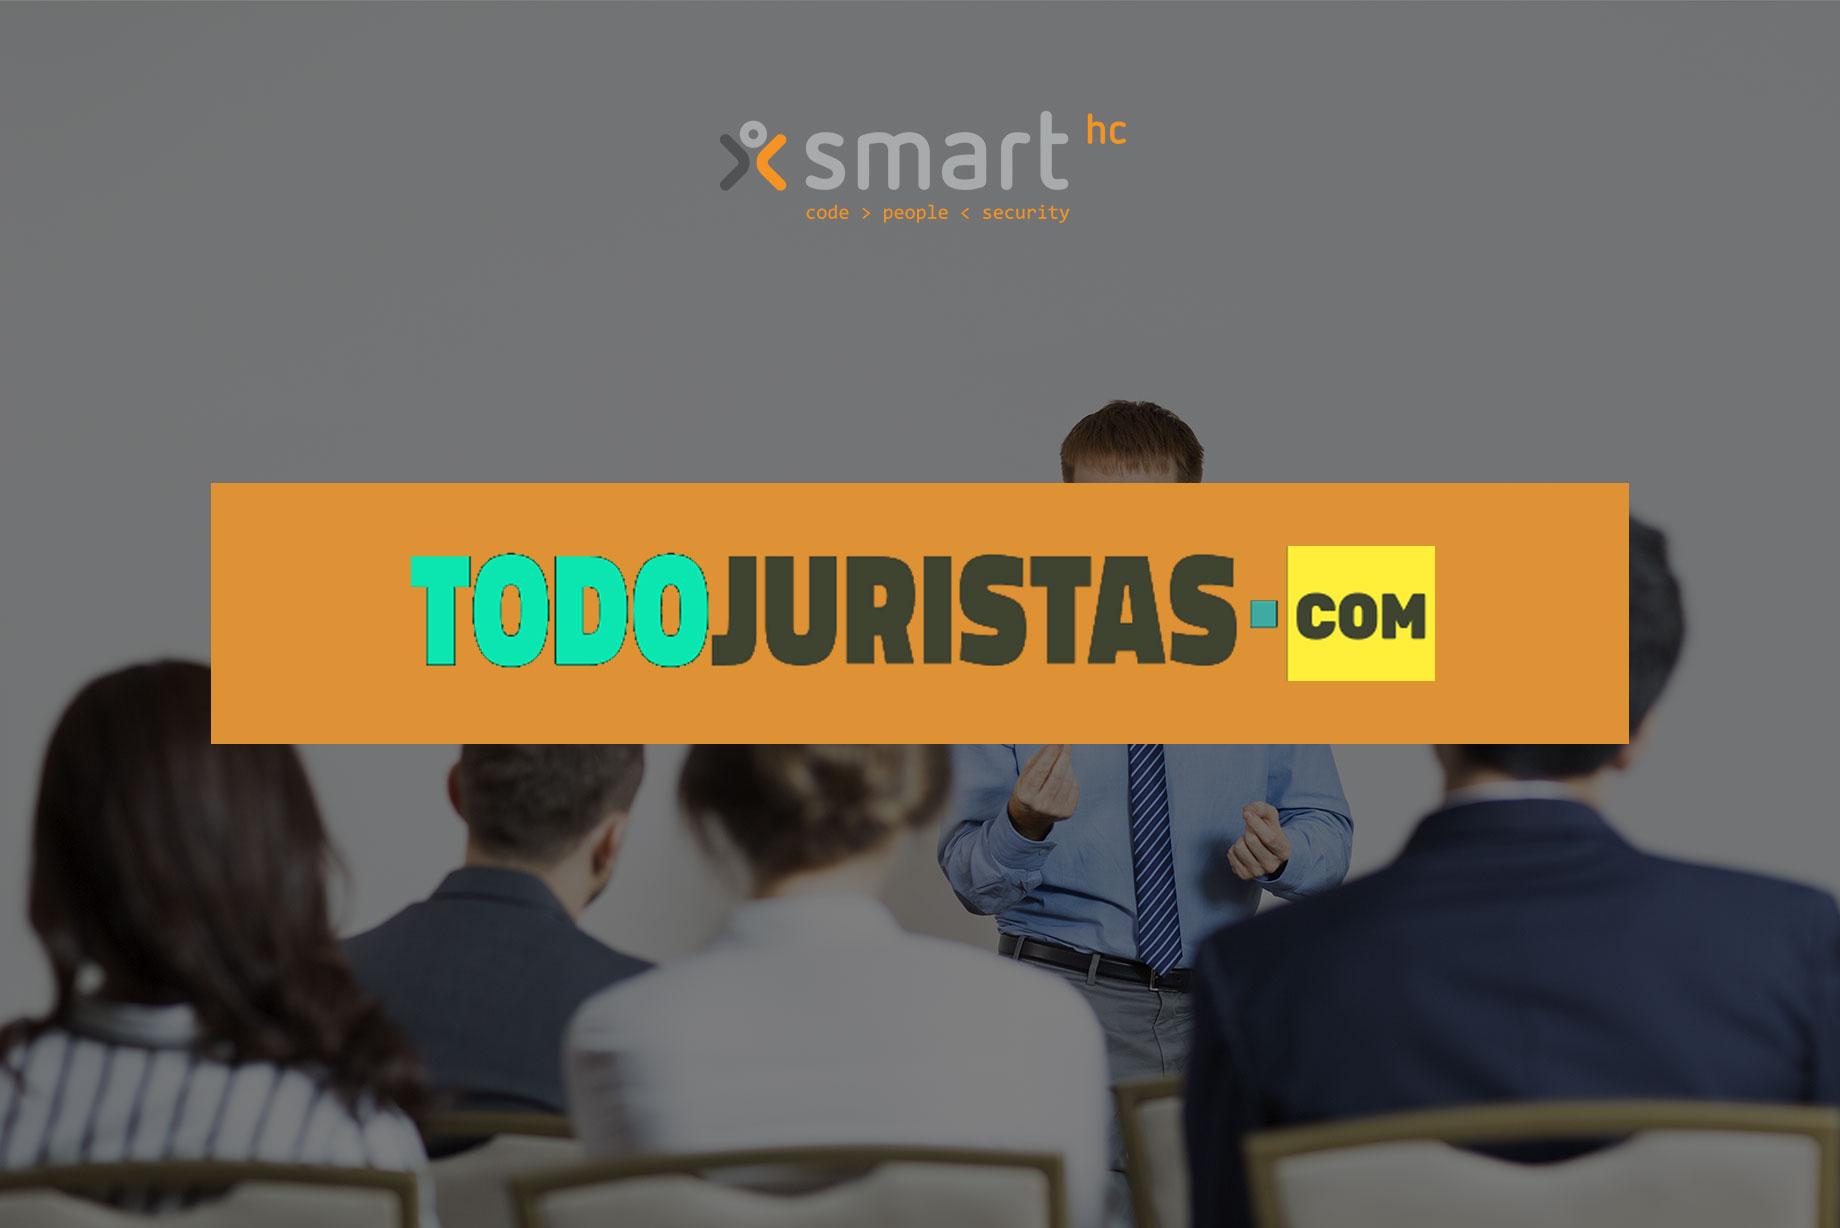 SHC_Todojuristas